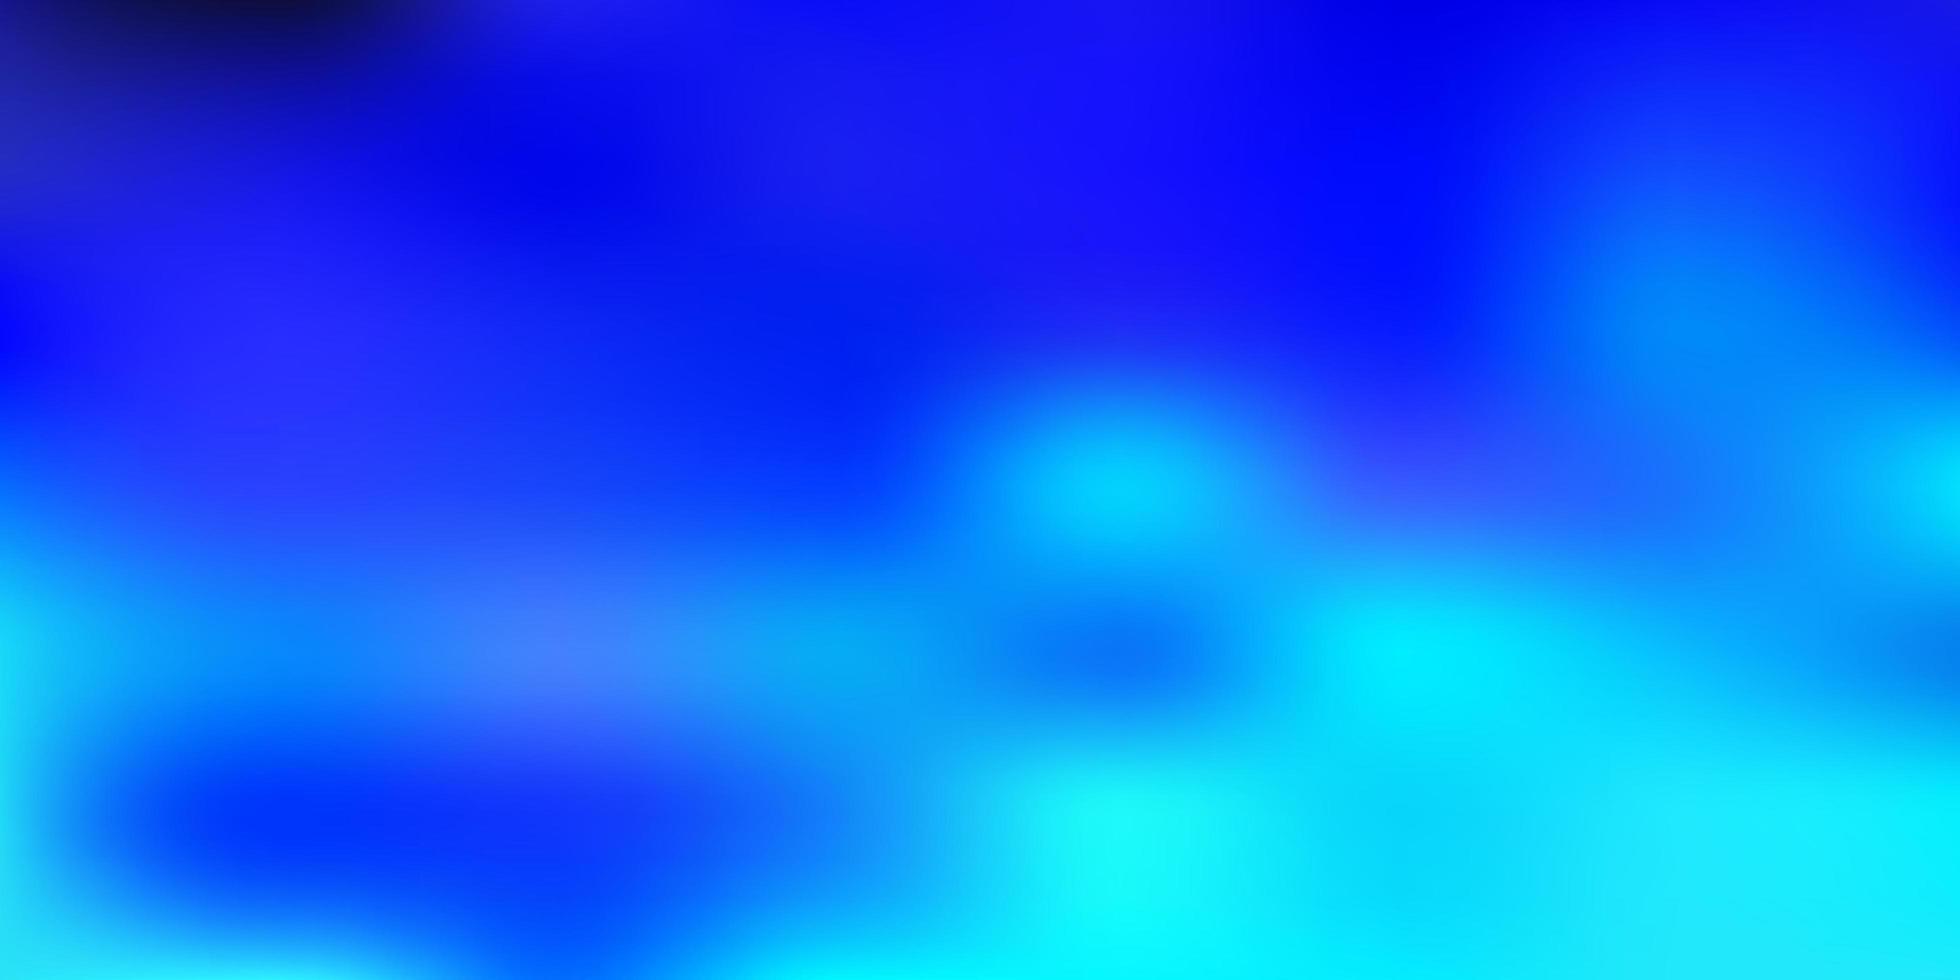 ljusblå vektor oskärpa layout.